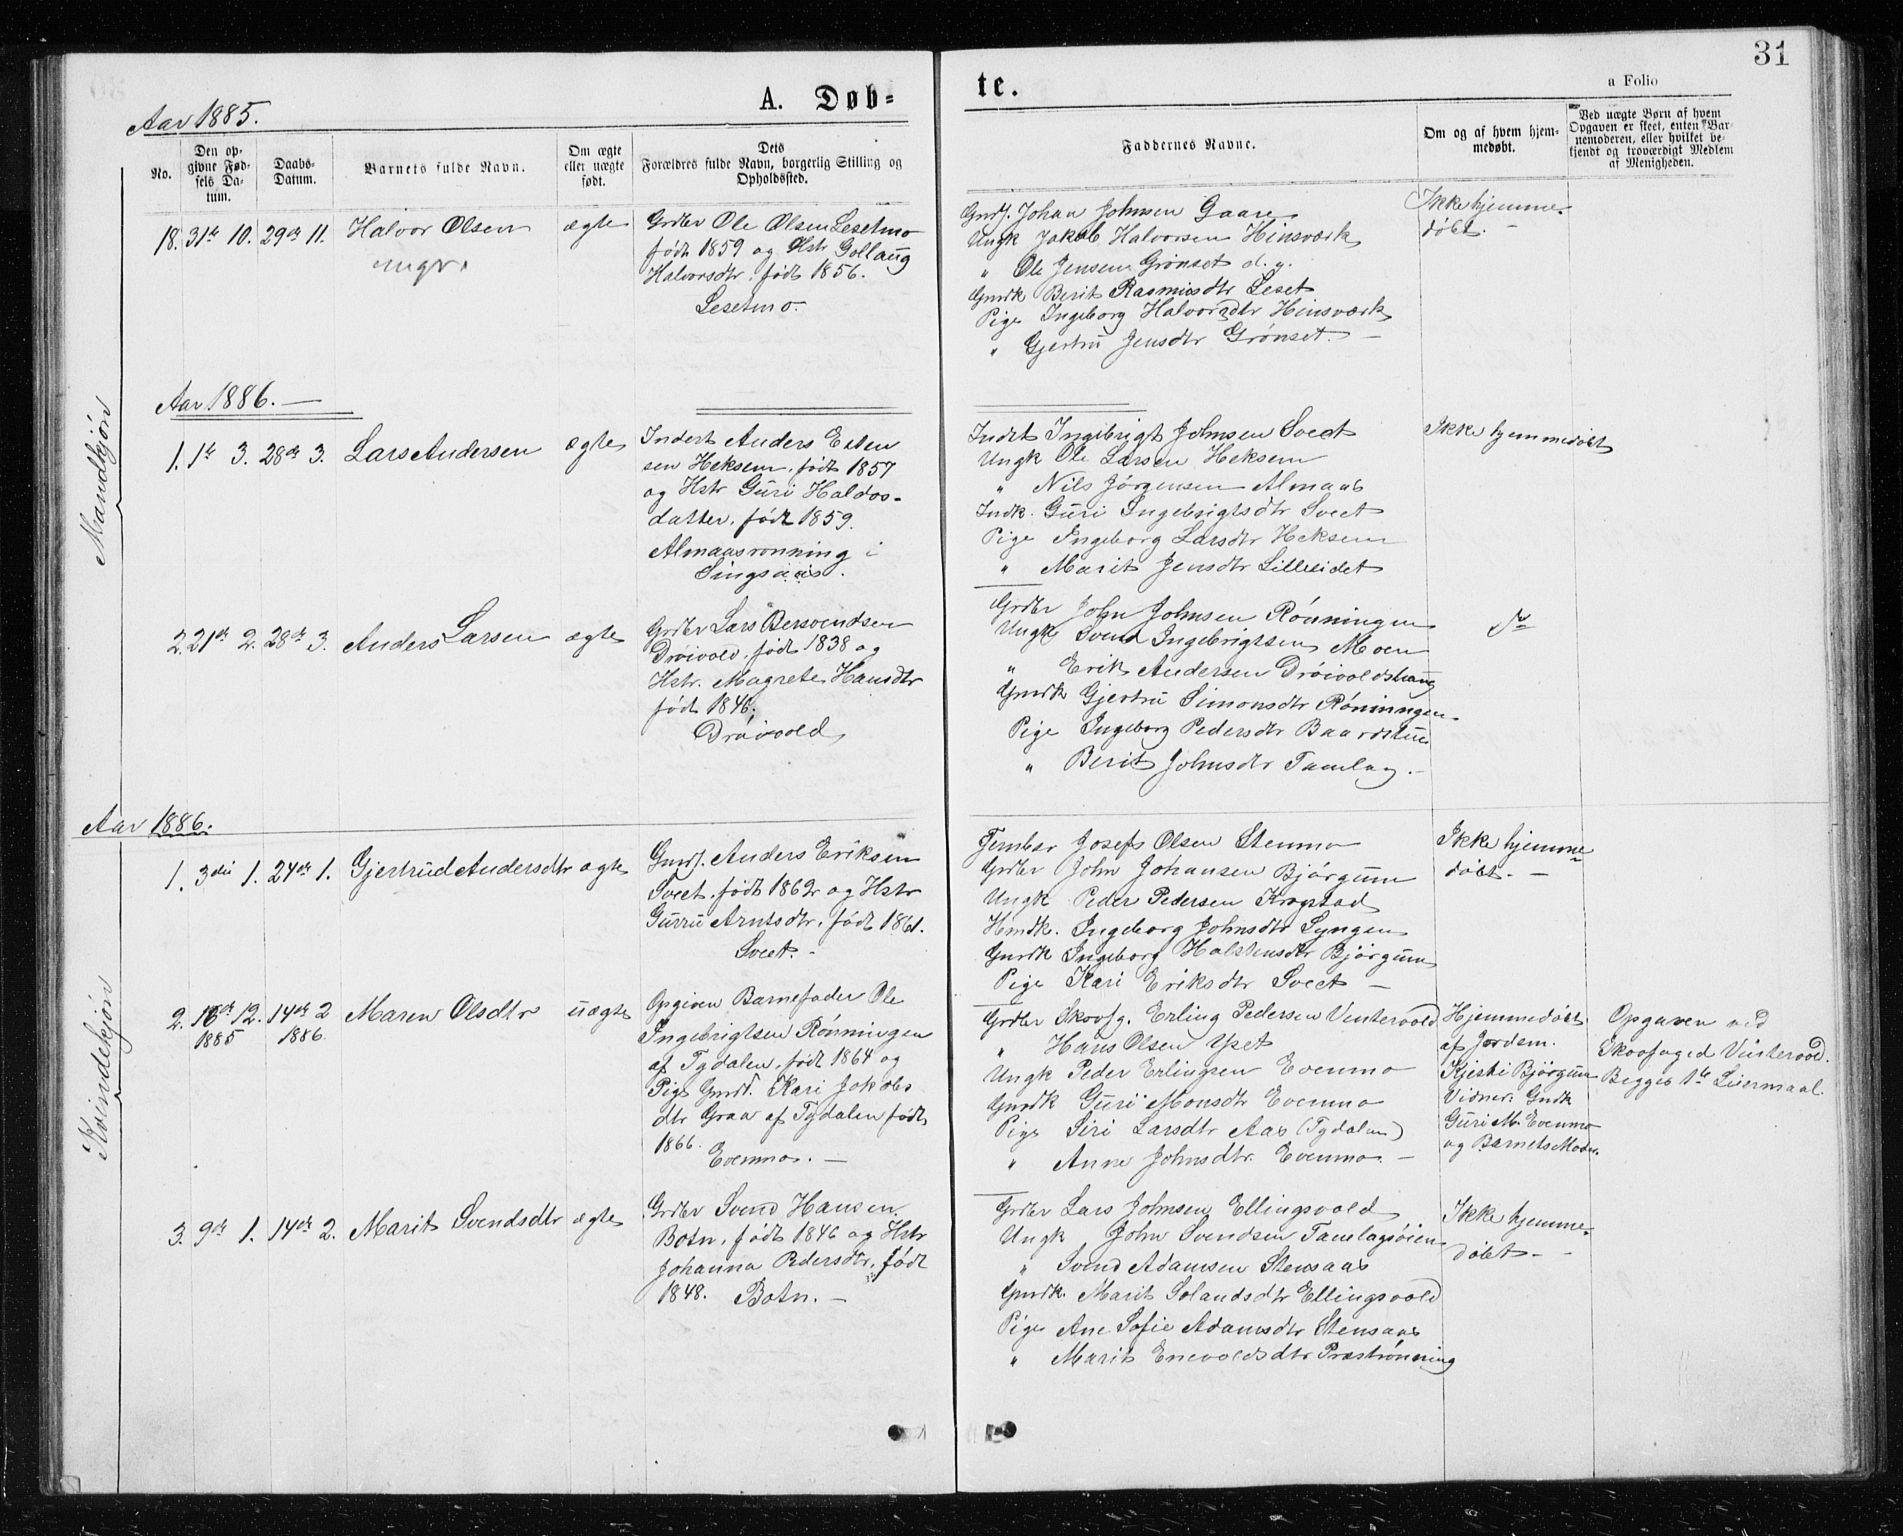 SAT, Ministerialprotokoller, klokkerbøker og fødselsregistre - Sør-Trøndelag, 685/L0977: Klokkerbok nr. 685C02, 1879-1890, s. 31